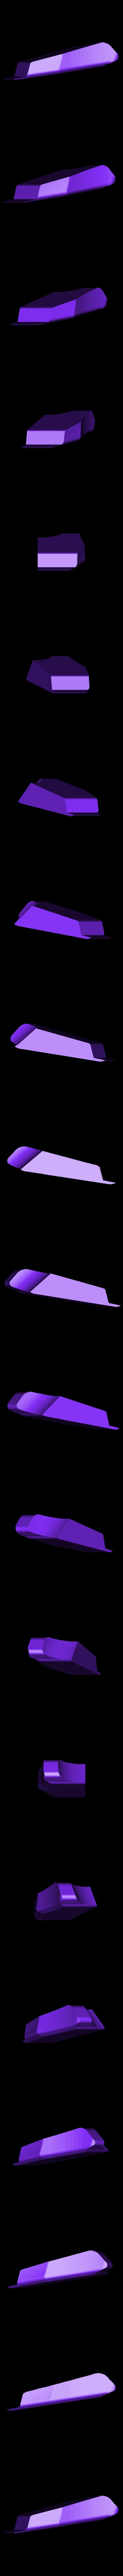 seat_left.stl Télécharger fichier STL gratuit 2016 Suzuki GSX-RR MotoGP RC Moto • Modèle pour imprimante 3D, brett